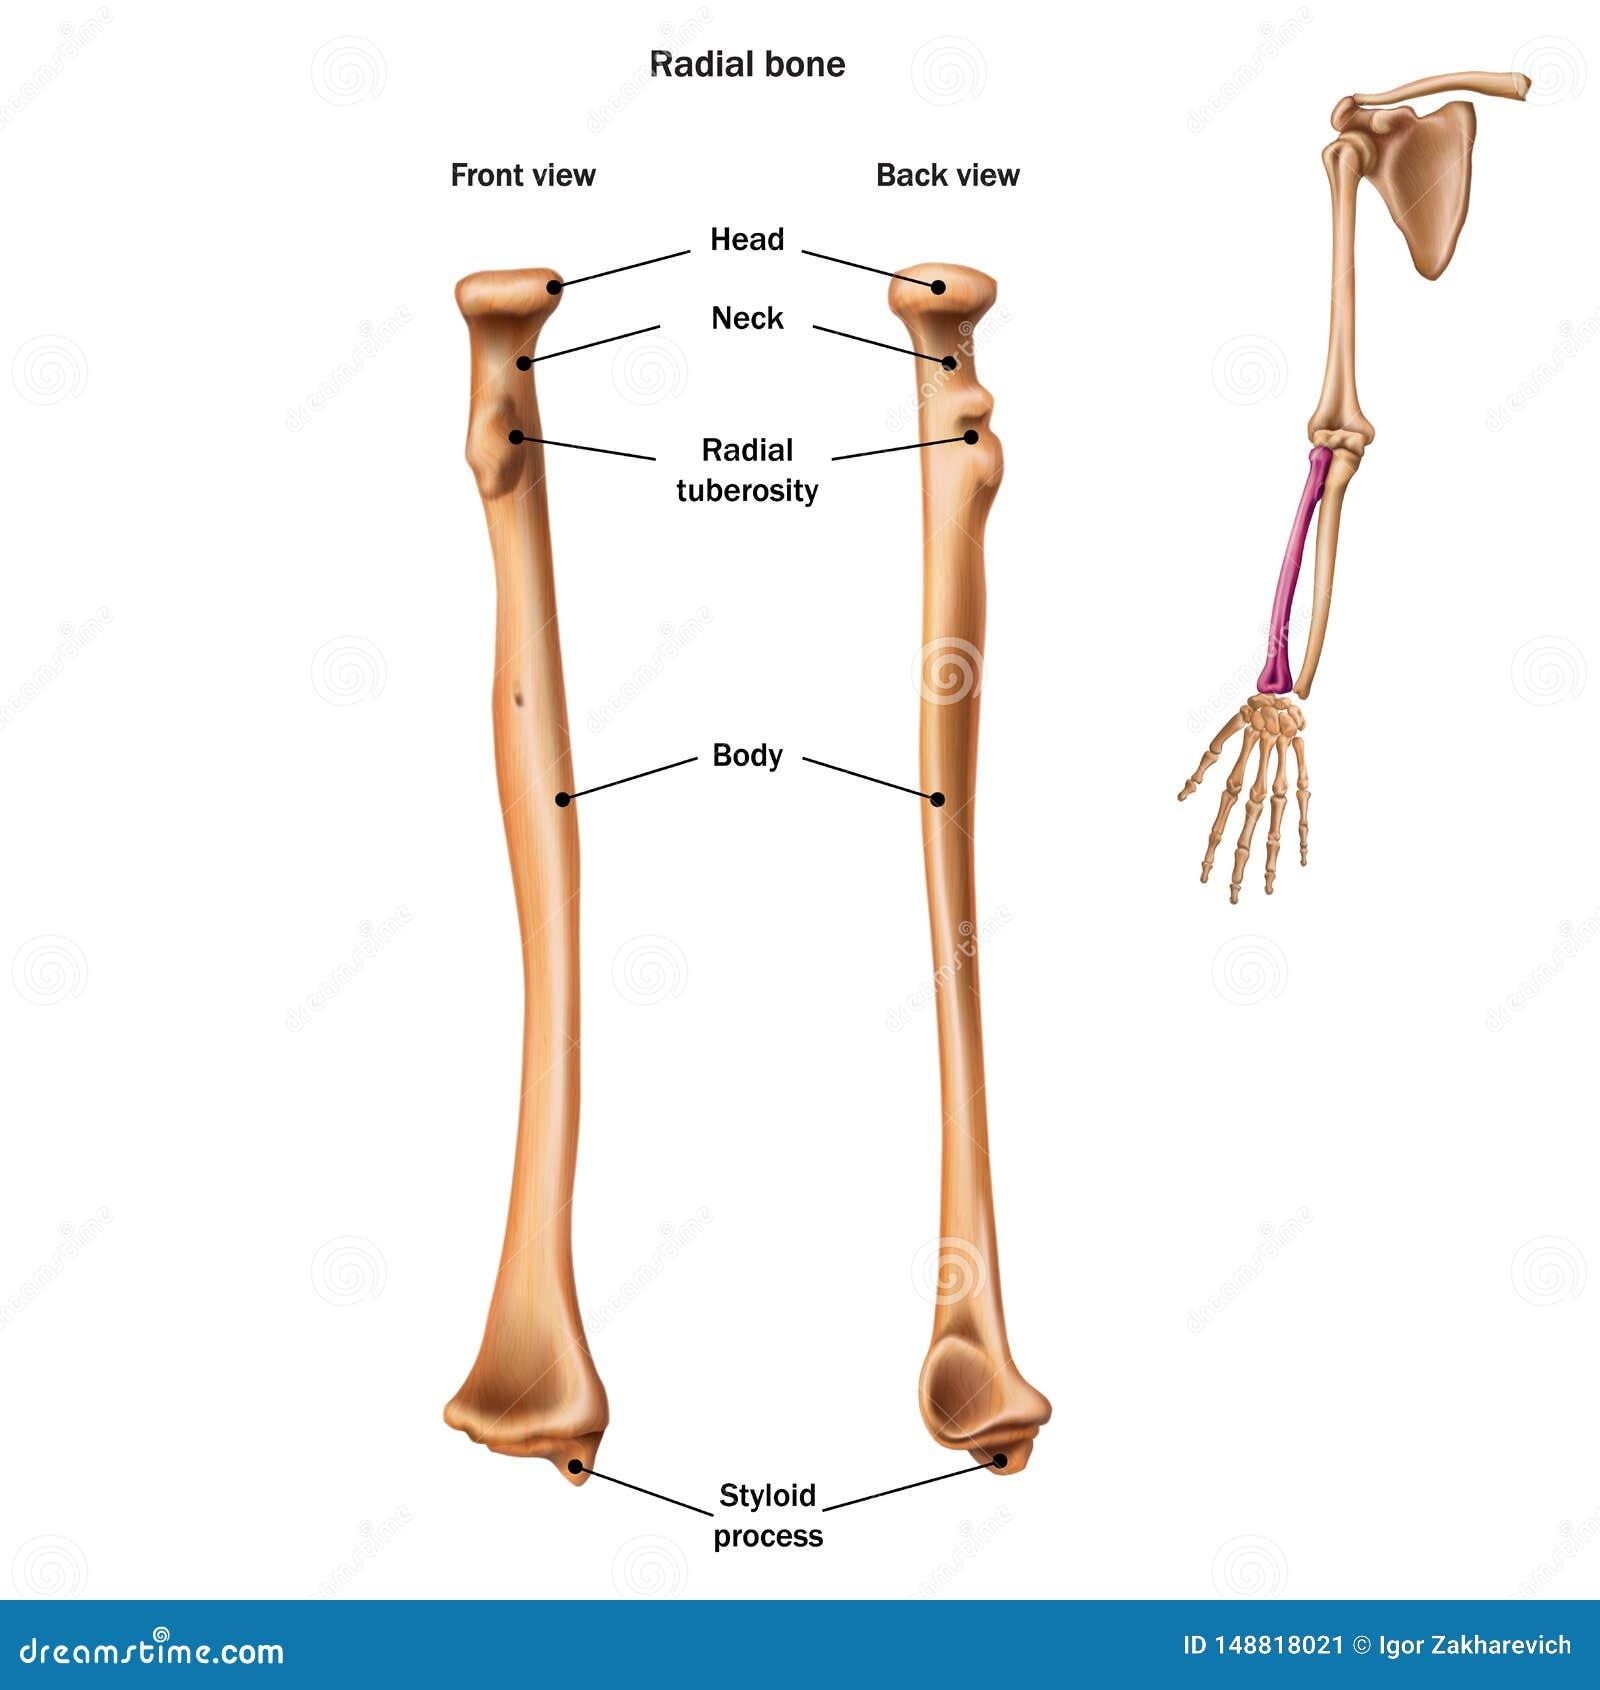 辐形骨头的结构有所有站点的名字和描述的 后面和正面图